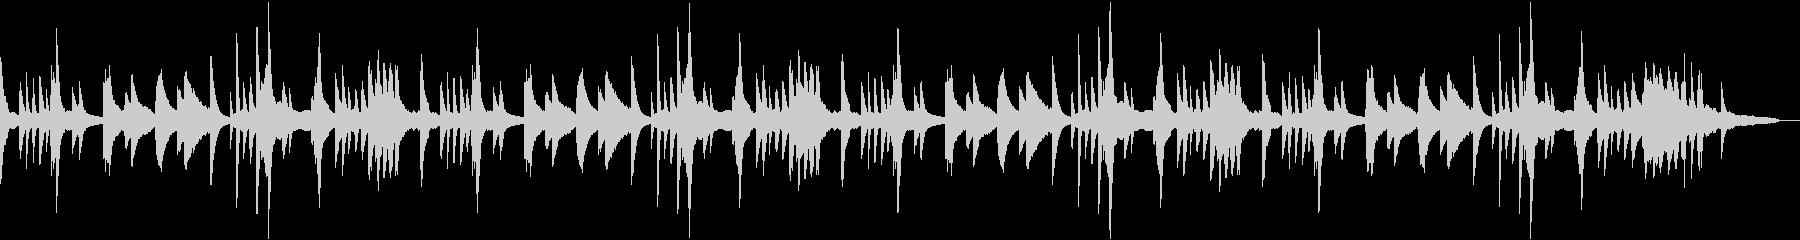 ハープっぽい神々しい幻想的ピアノBGMの未再生の波形